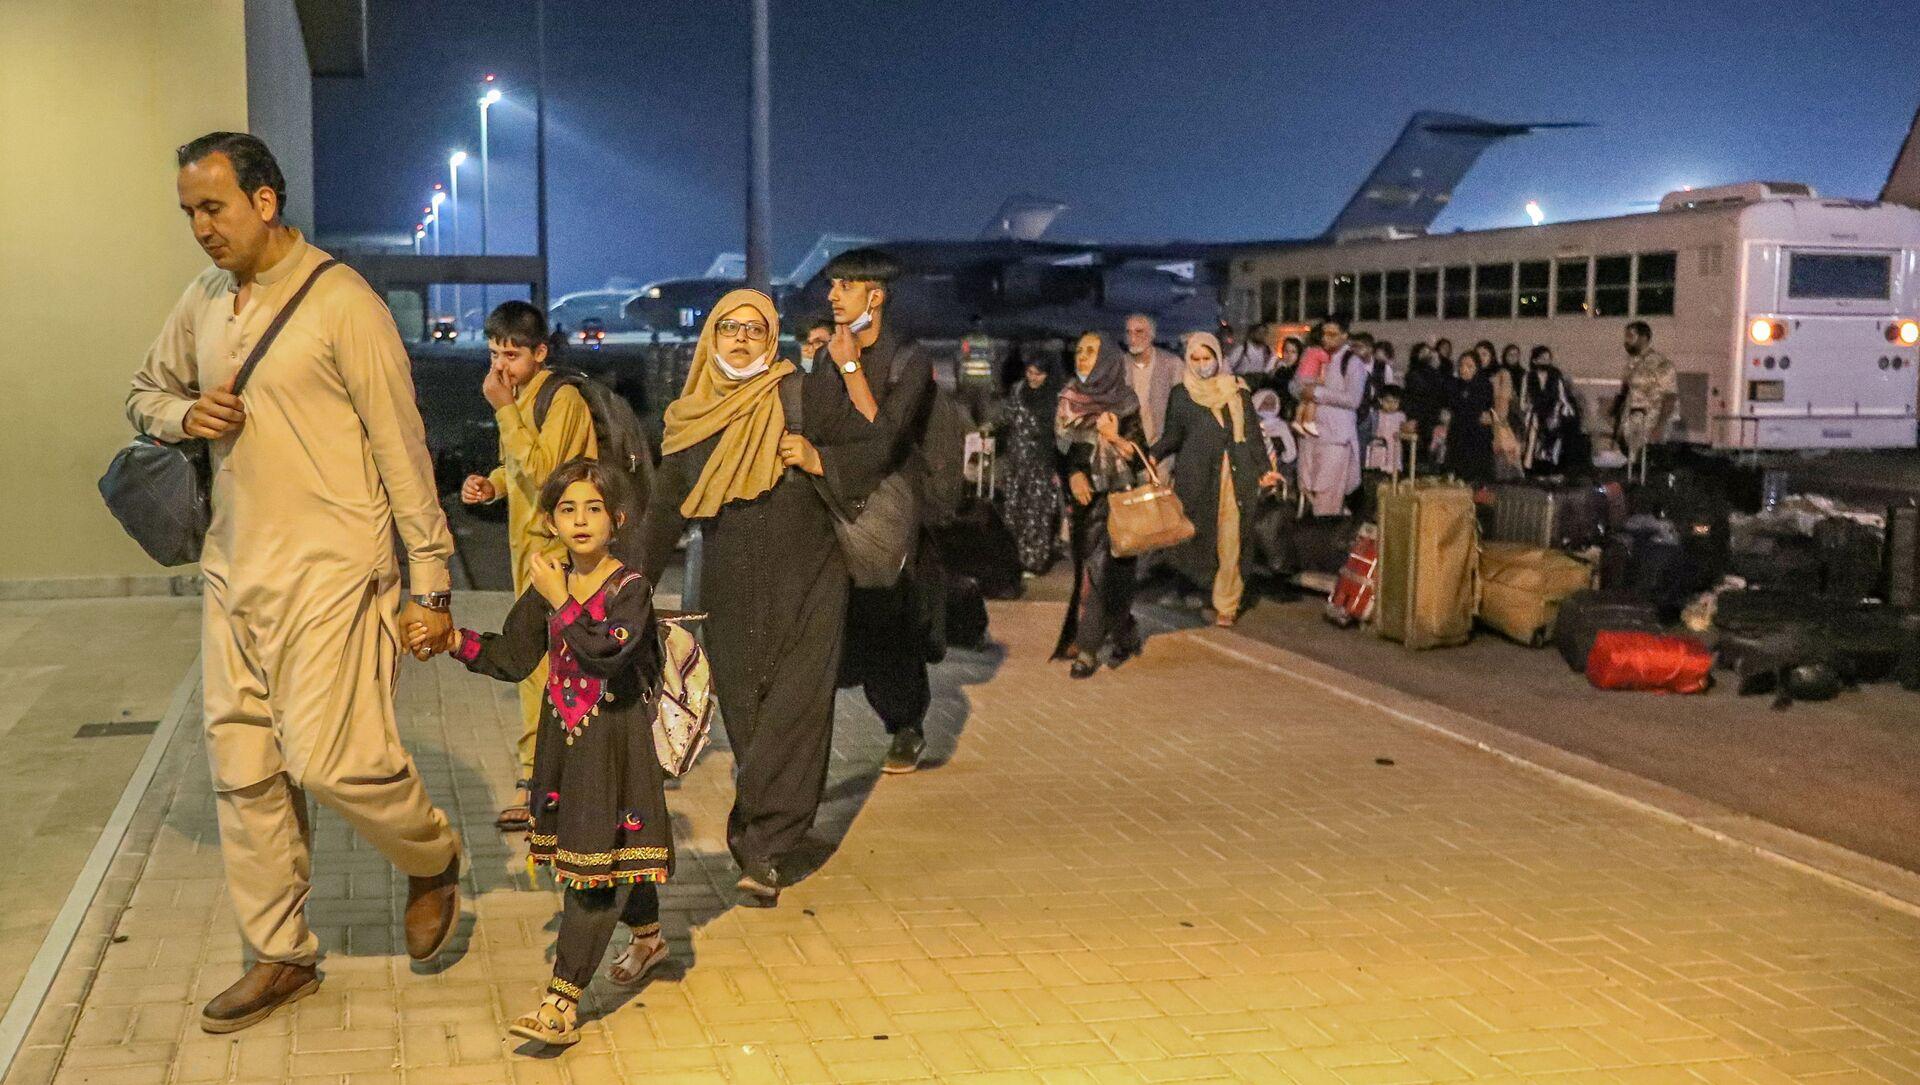 Эвакуированные из Афганистана прибыли на авиабазу Аль-Удейд в Дохе, Катар - Sputnik Азербайджан, 1920, 23.08.2021